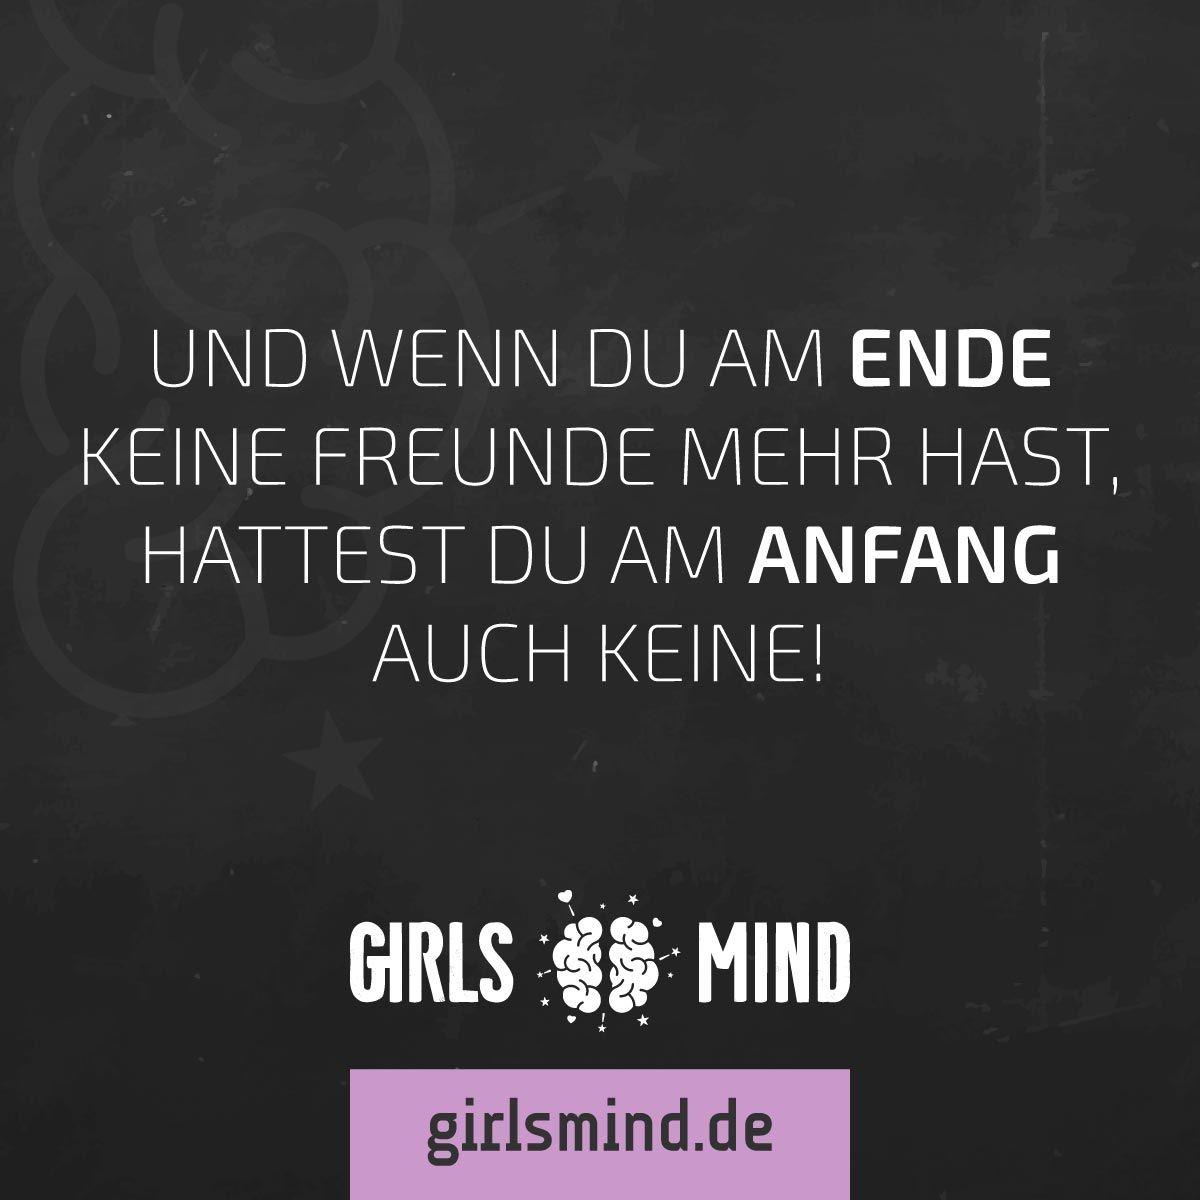 Mehr Sprüche auf: .girlsmind.de #freunde #freund #freundinnen